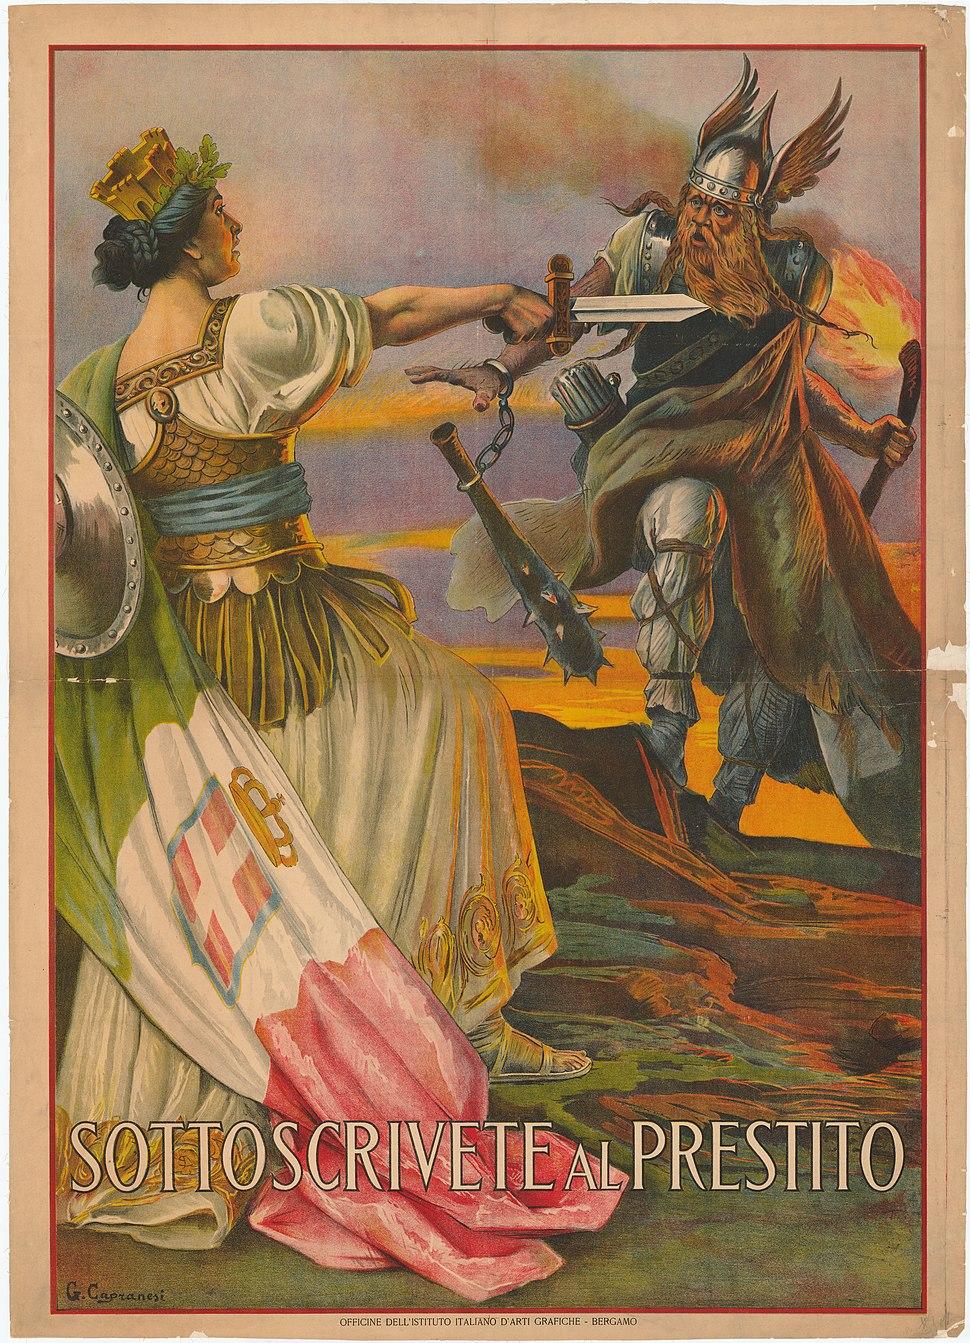 21 Sammlung Eybl Italien. Giovanni Capranesi (1852-1921). Sottoscrivete al presto (Unterzeichnet schnell). 1917. 135 x 100 cm. (Slg.Nr. 755) Kopie